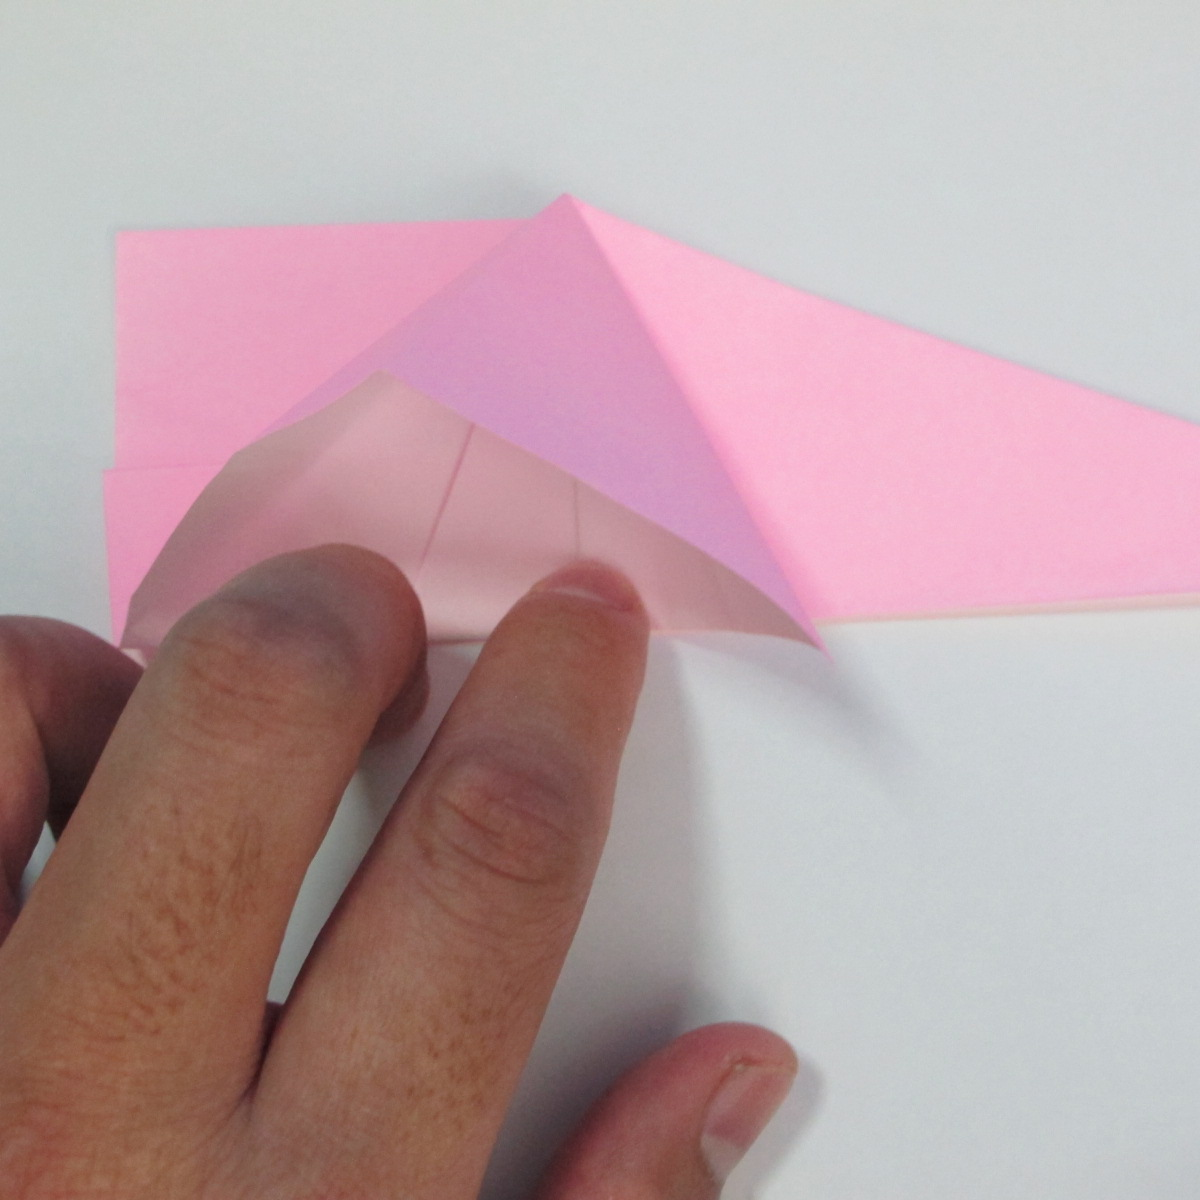 สอนการพับกระดาษเป็นลูกสุนัขชเนาเซอร์ (Origami Schnauzer Puppy) 037